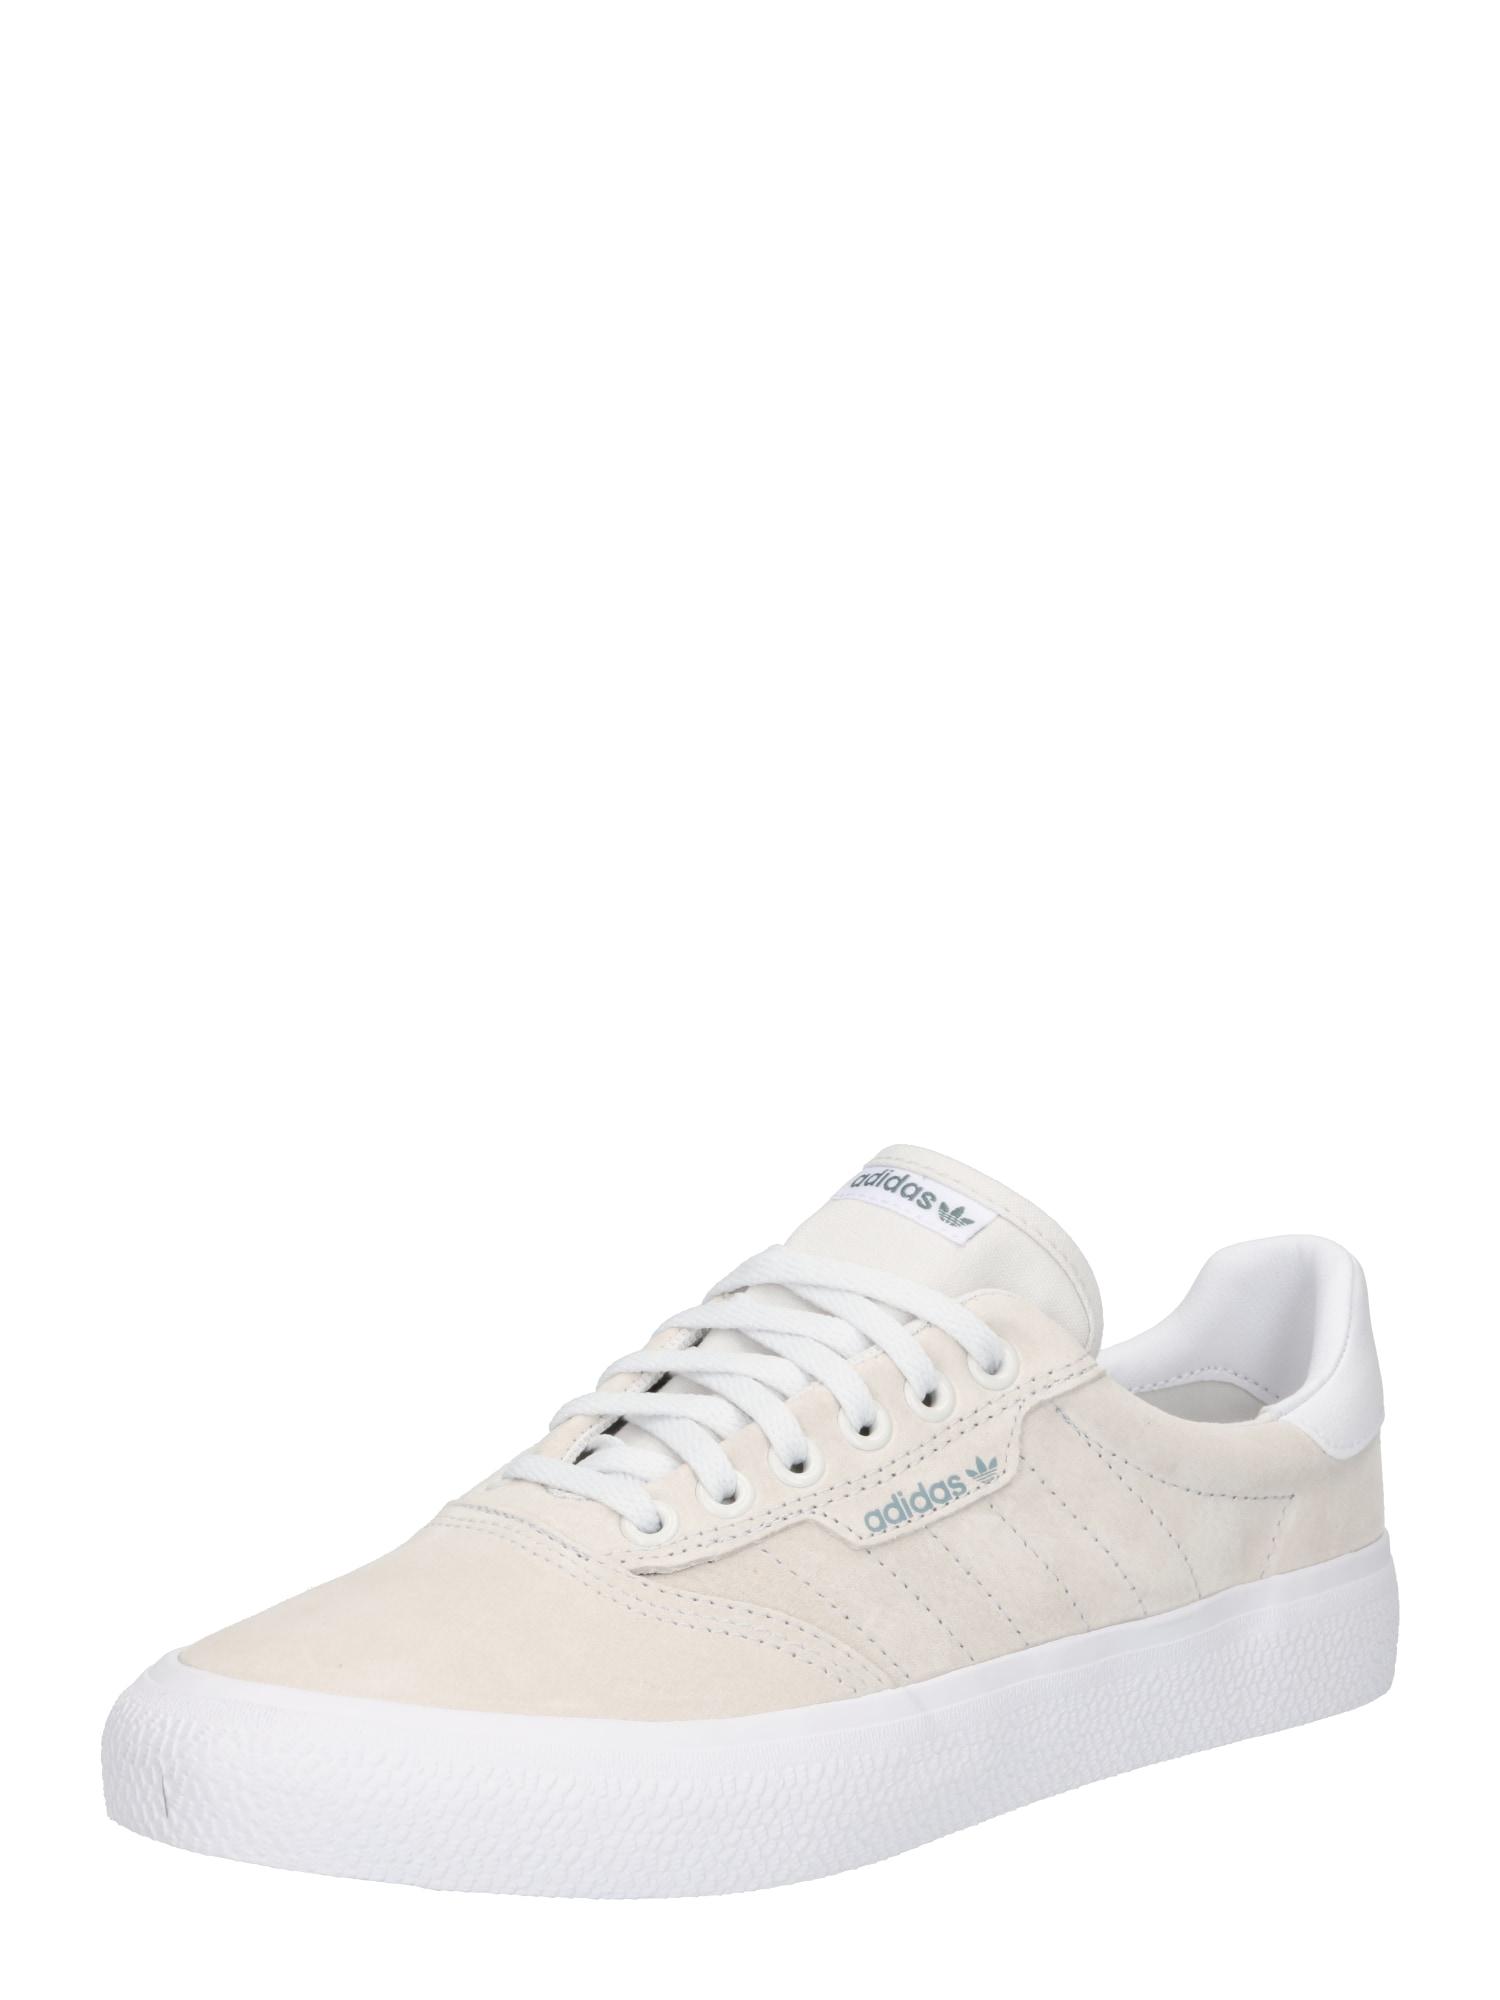 ADIDAS ORIGINALS Tenisky '3MC'  bílá / barva bílé vlny